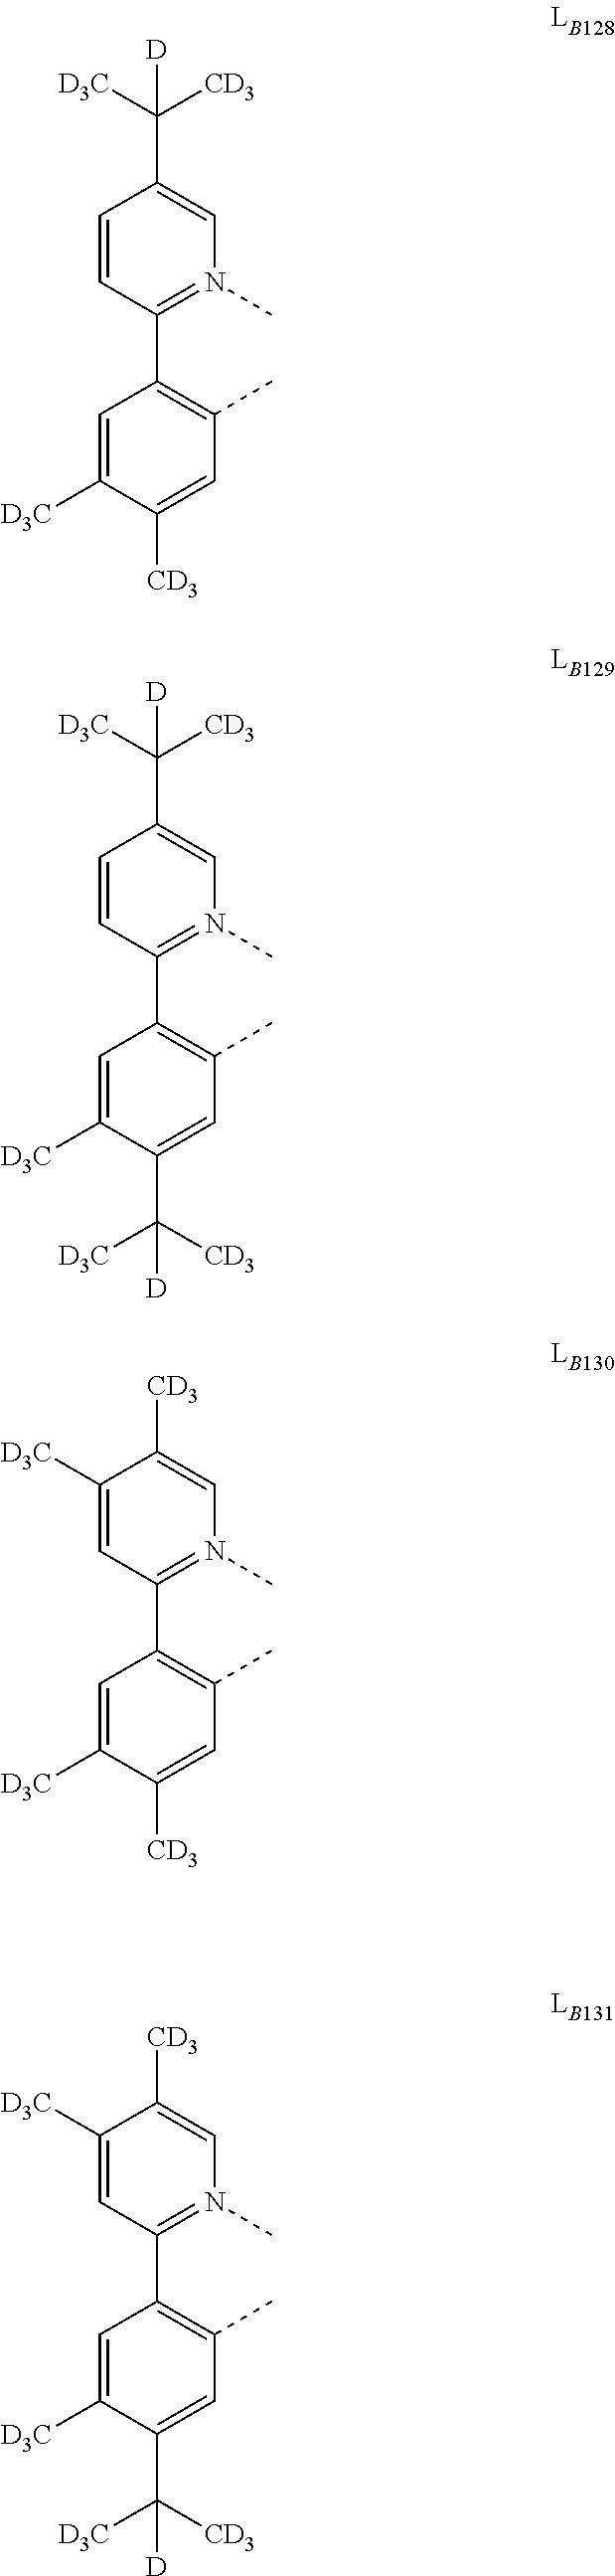 Figure US09929360-20180327-C00242